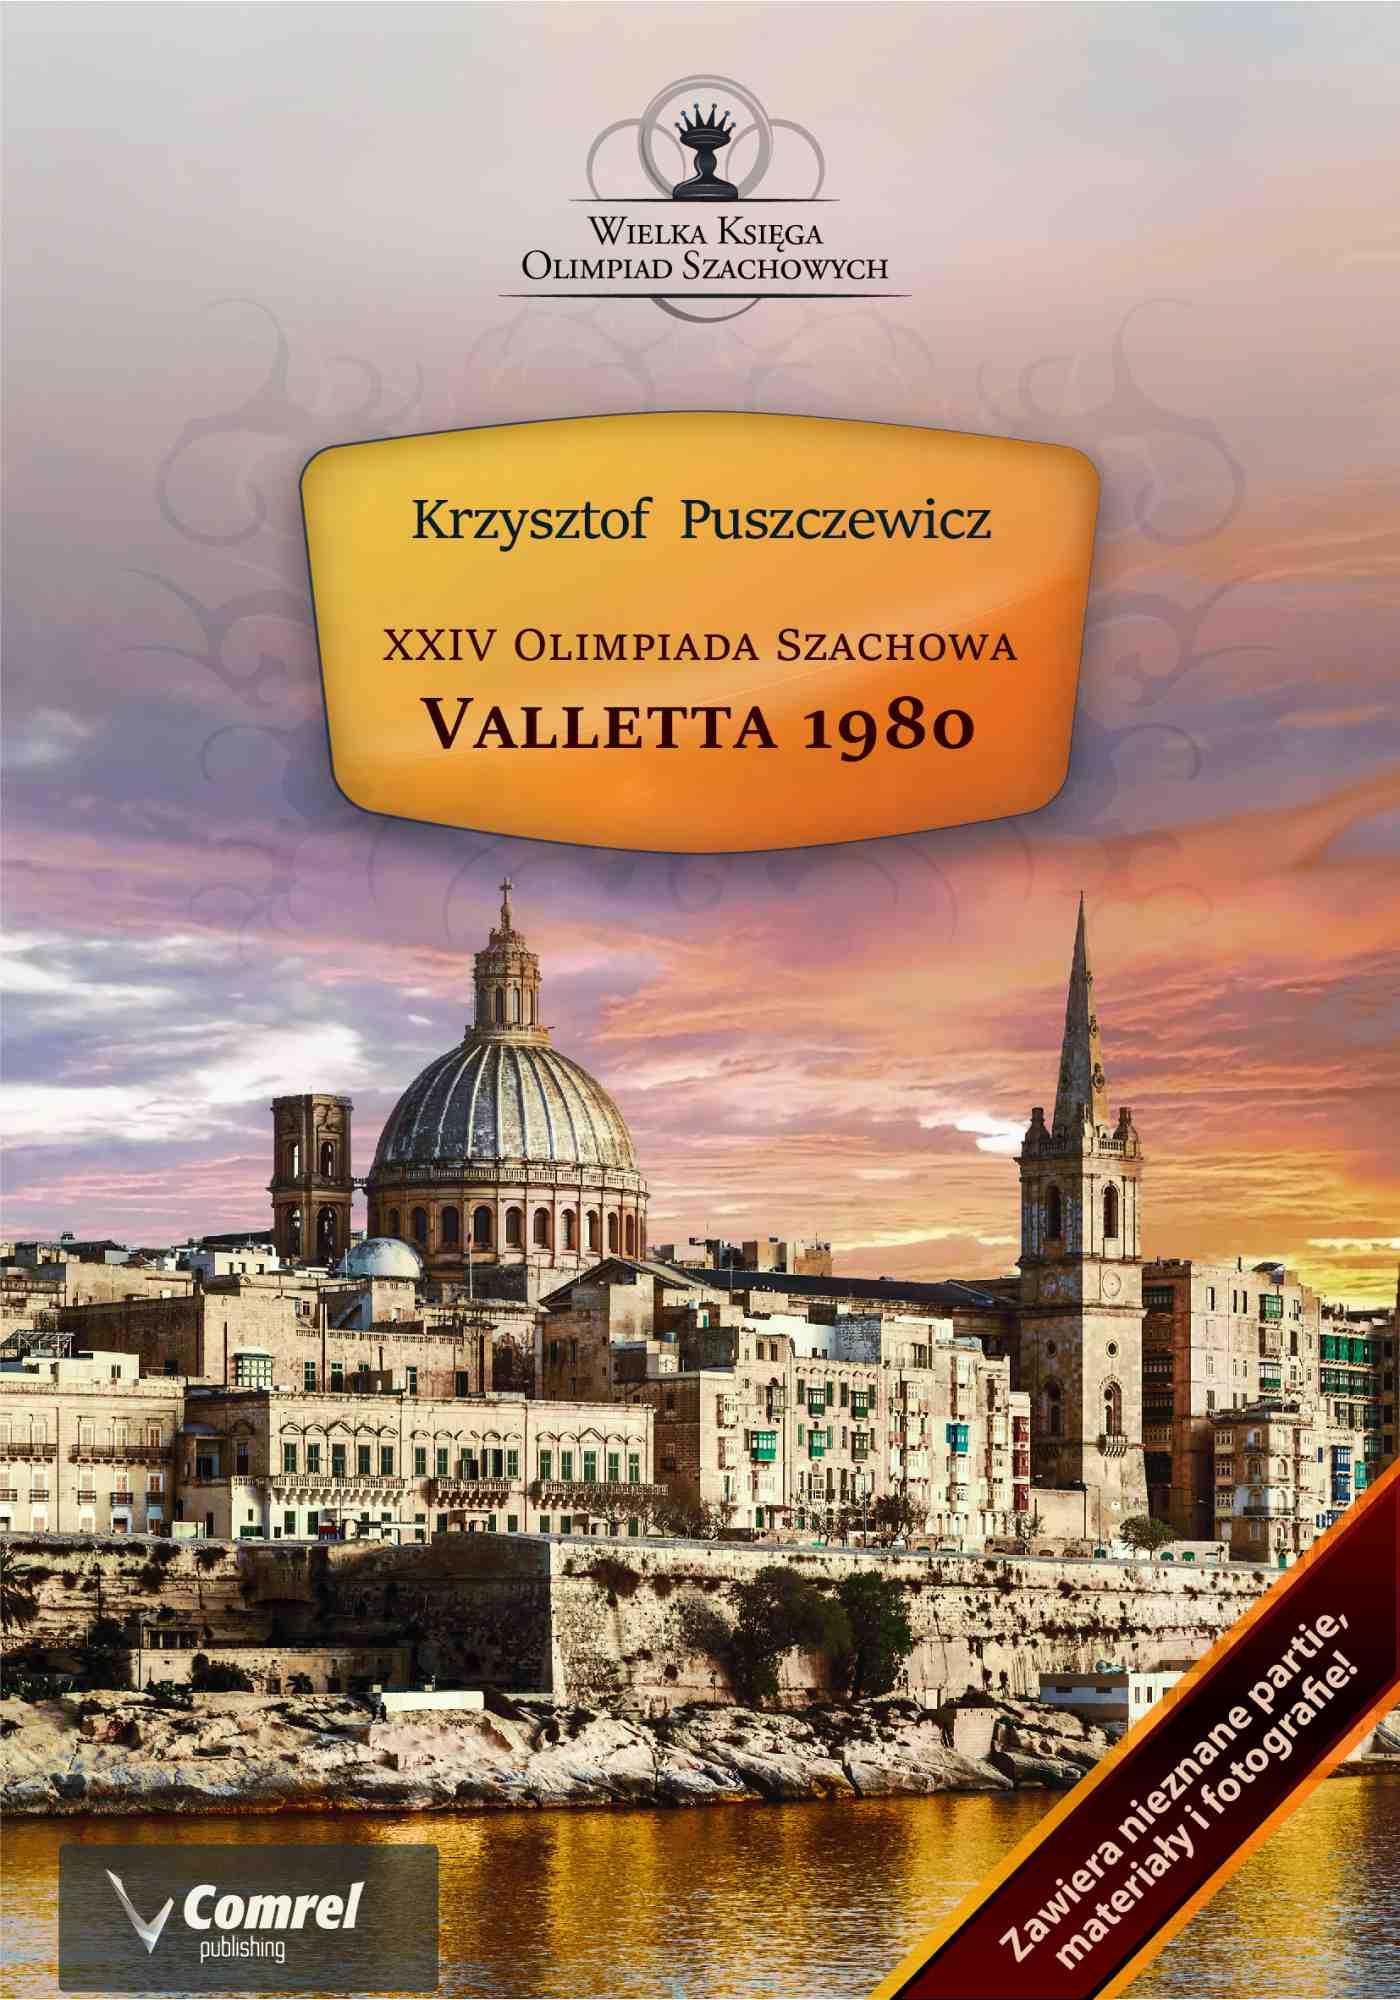 XXIV Olimpiada Szachowa - Valletta 1980 - Ebook (Książka PDF) do pobrania w formacie PDF